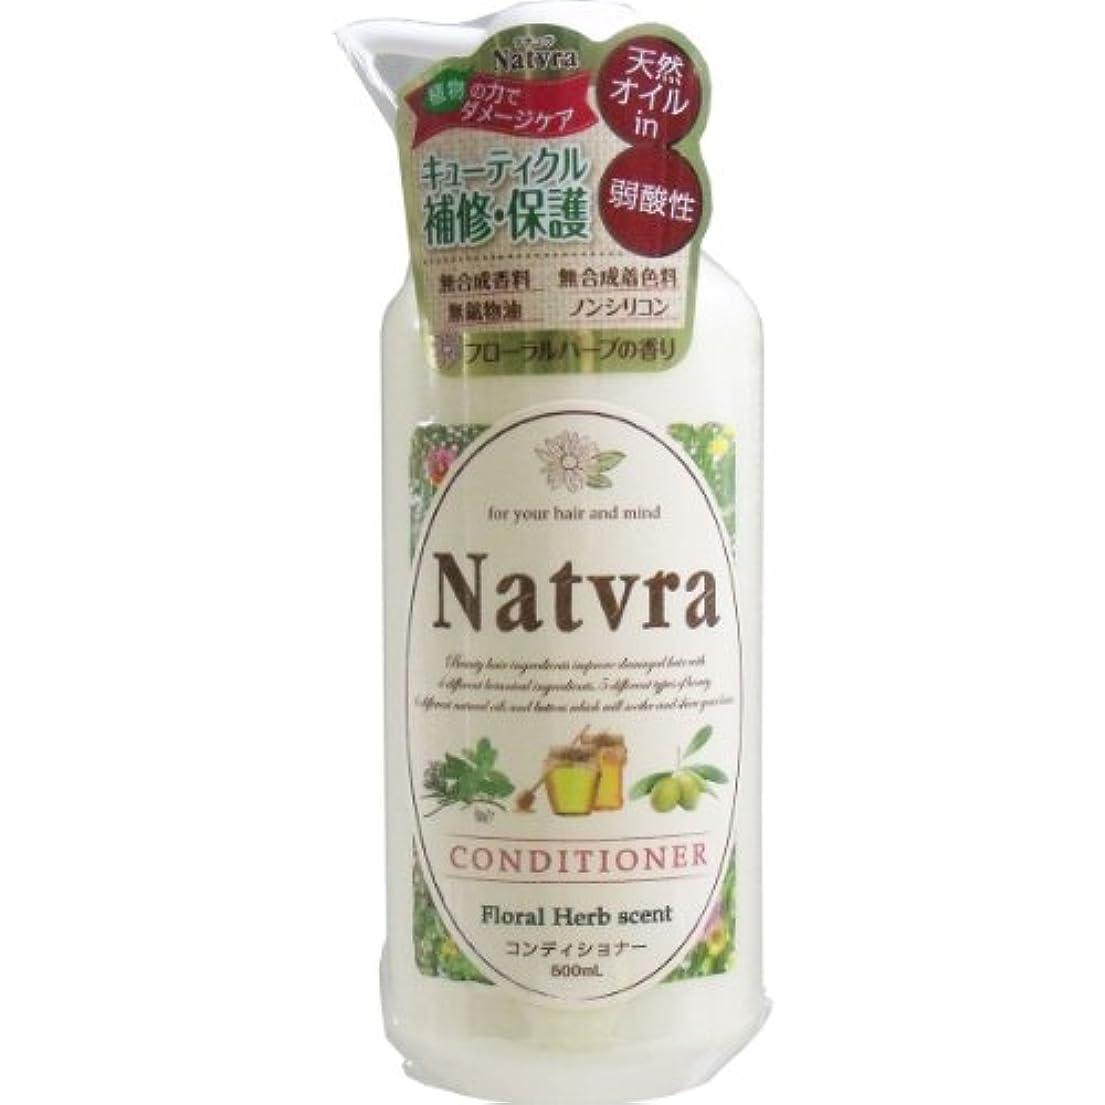 汚れた理容室しかしながらNatvra(ナチュラ) コンディショナー フローラルハーブの香り 500mL「4点セット」